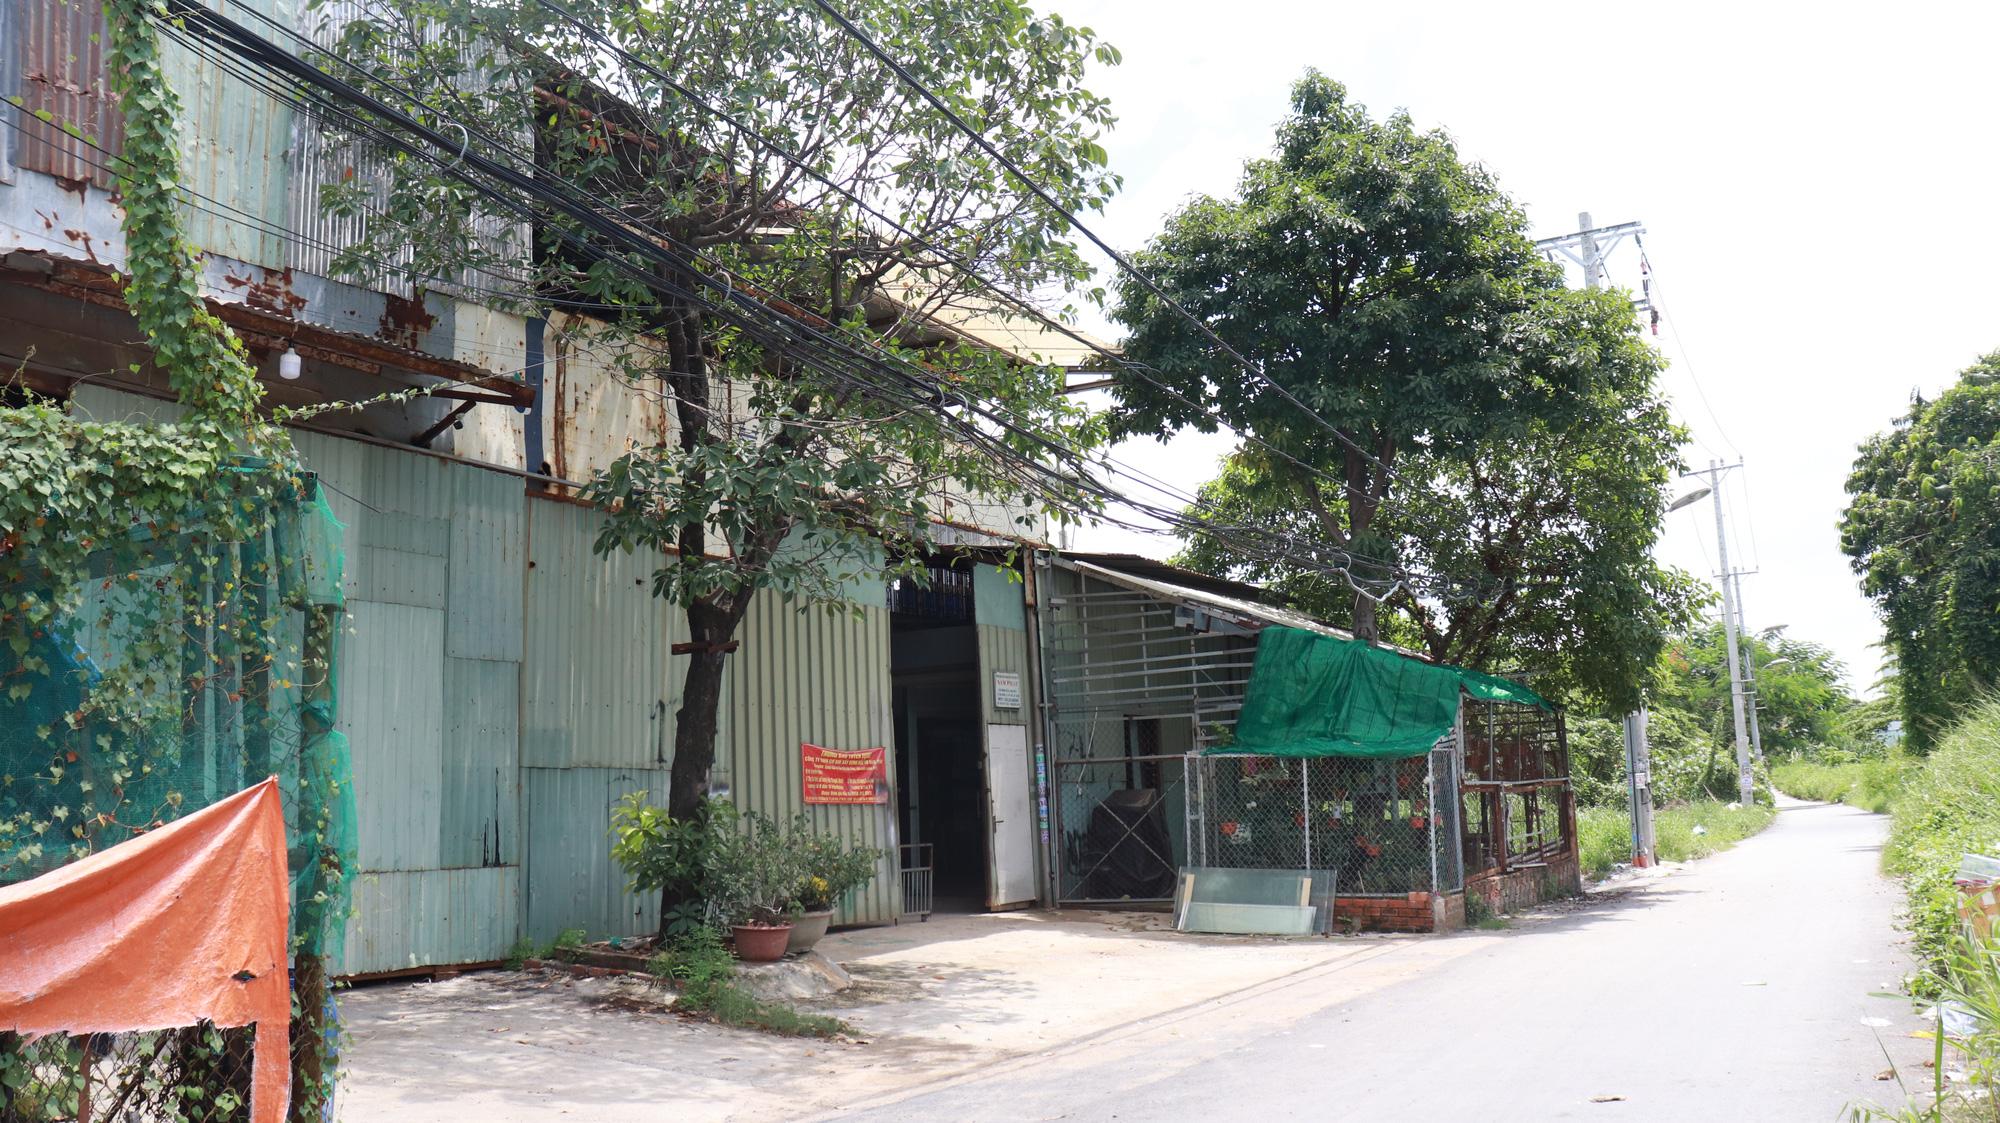 Ba khu đất dính quy hoạch tại phường Linh Đông, TP thủ Đức - Ảnh 8.